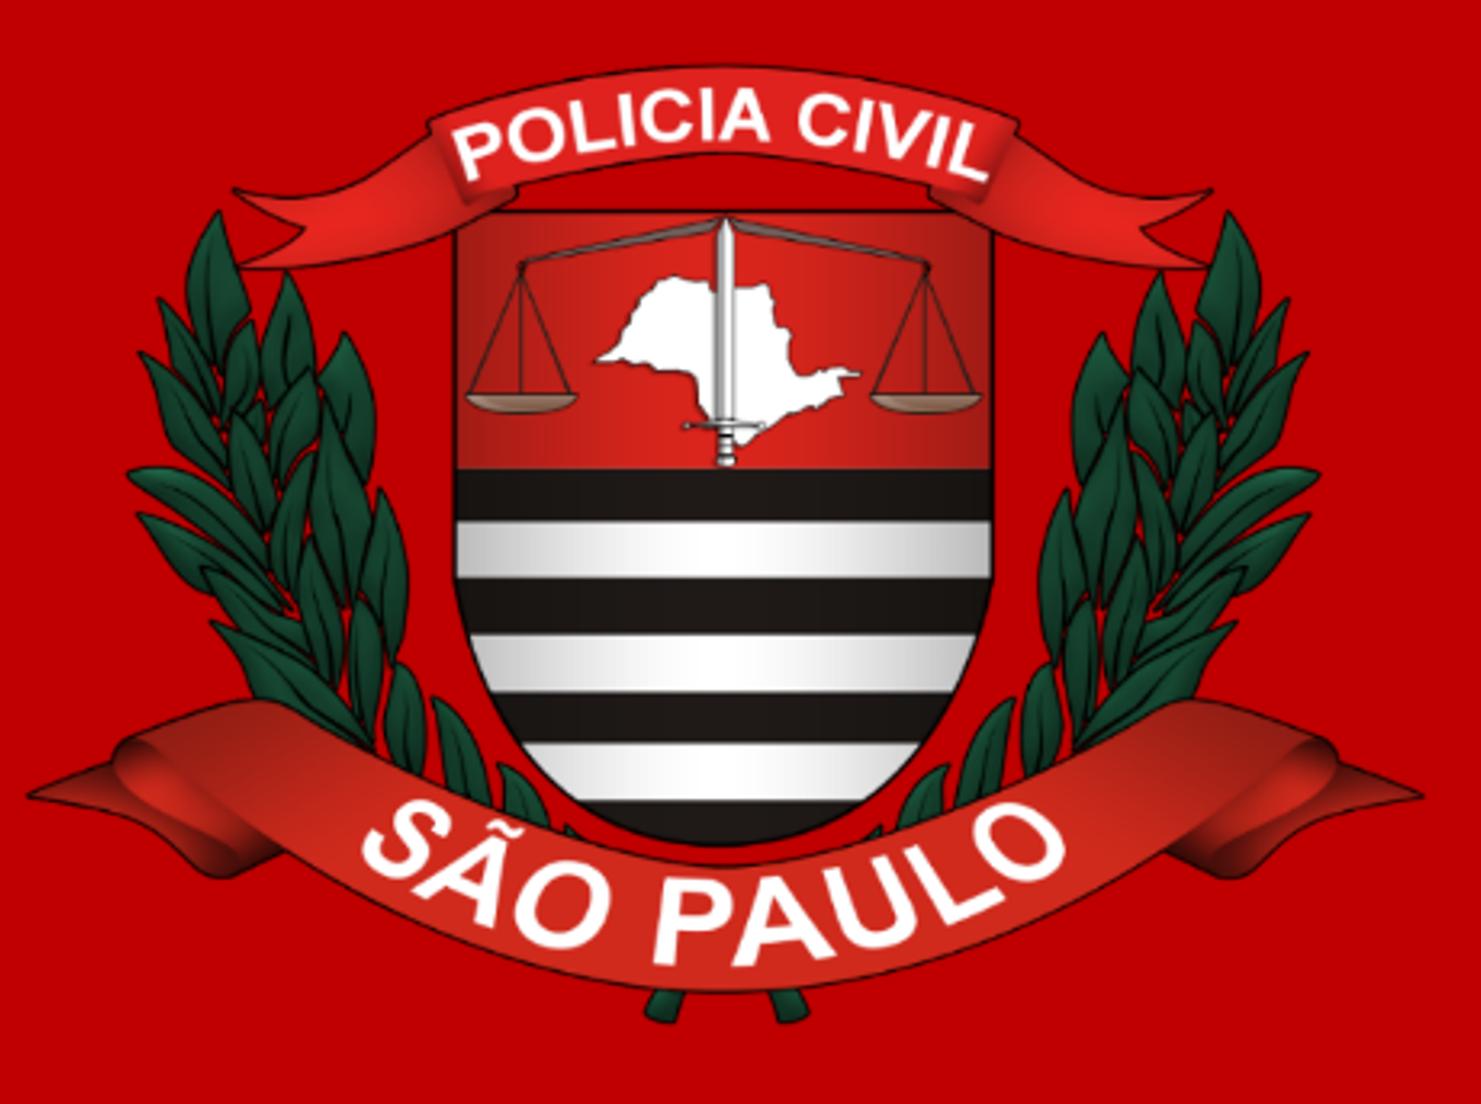 Brasão vermelho da Polícia Civil